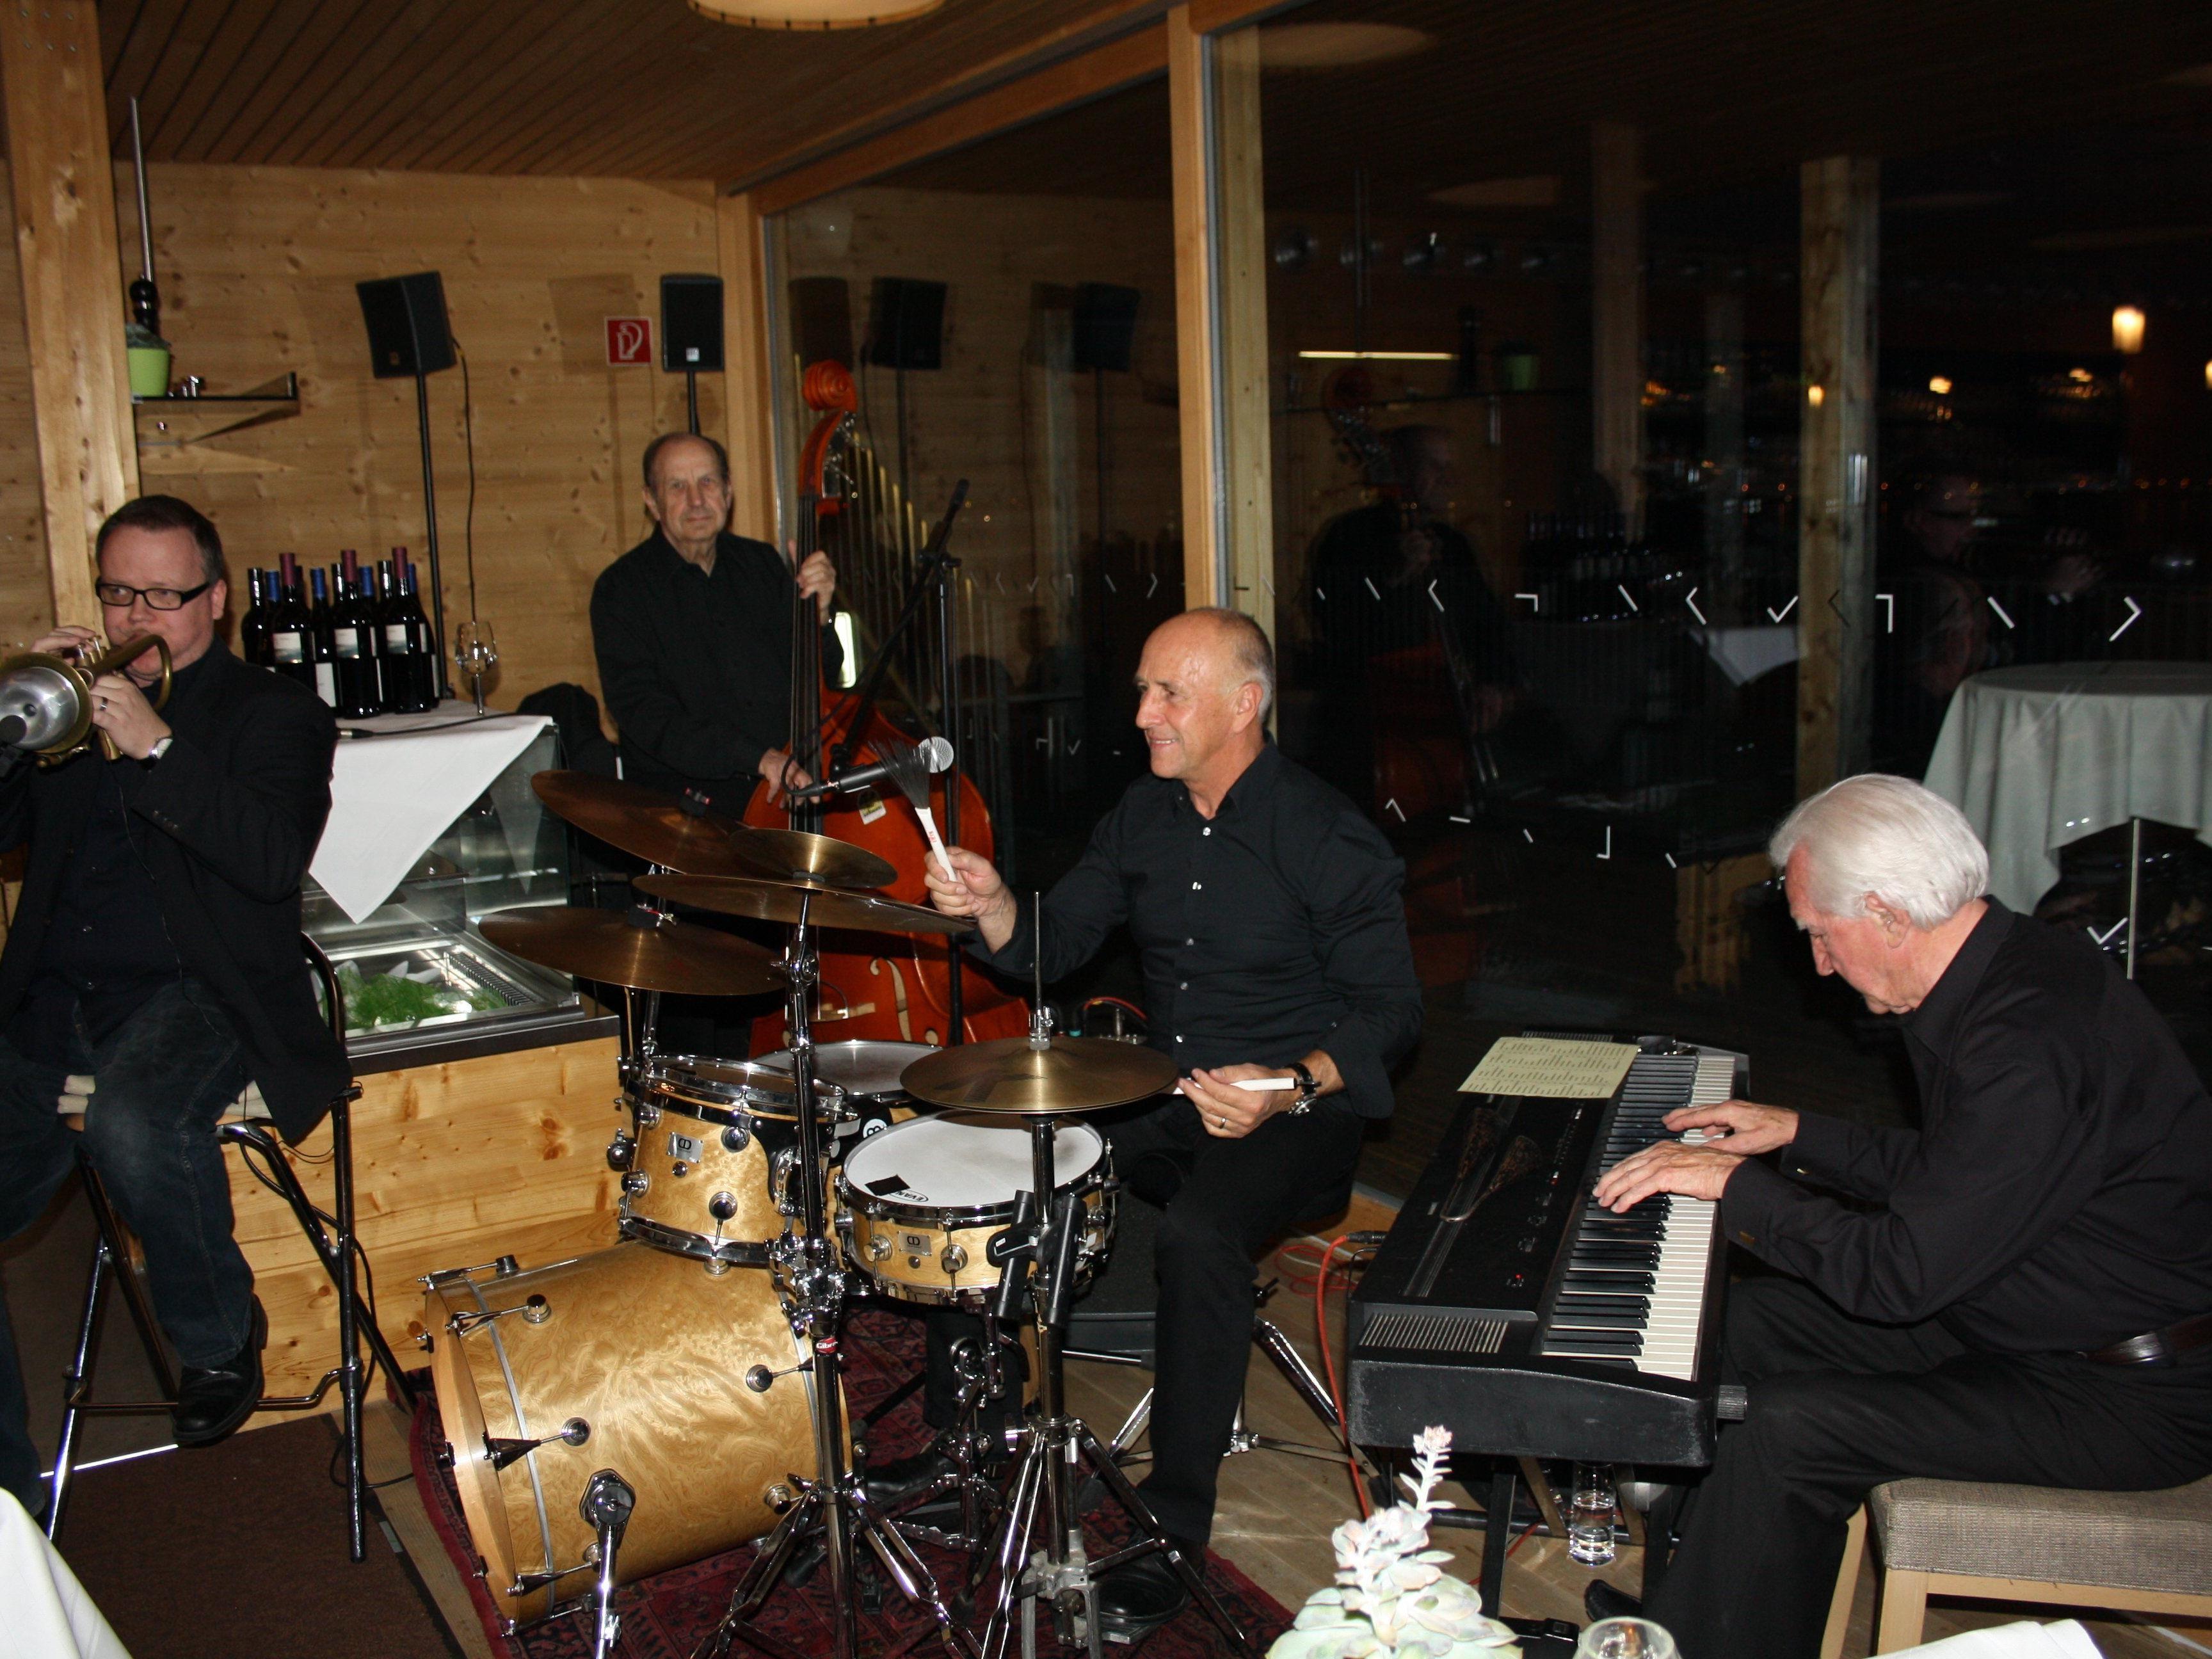 """Die Gruppe """"Round about Jazz Combo"""" sorgt nächsten Donnerstag bei """"Jazz am See"""" für die gute Stimmung auf dem Badehaus des Seehotels Am Kaiserstrand."""